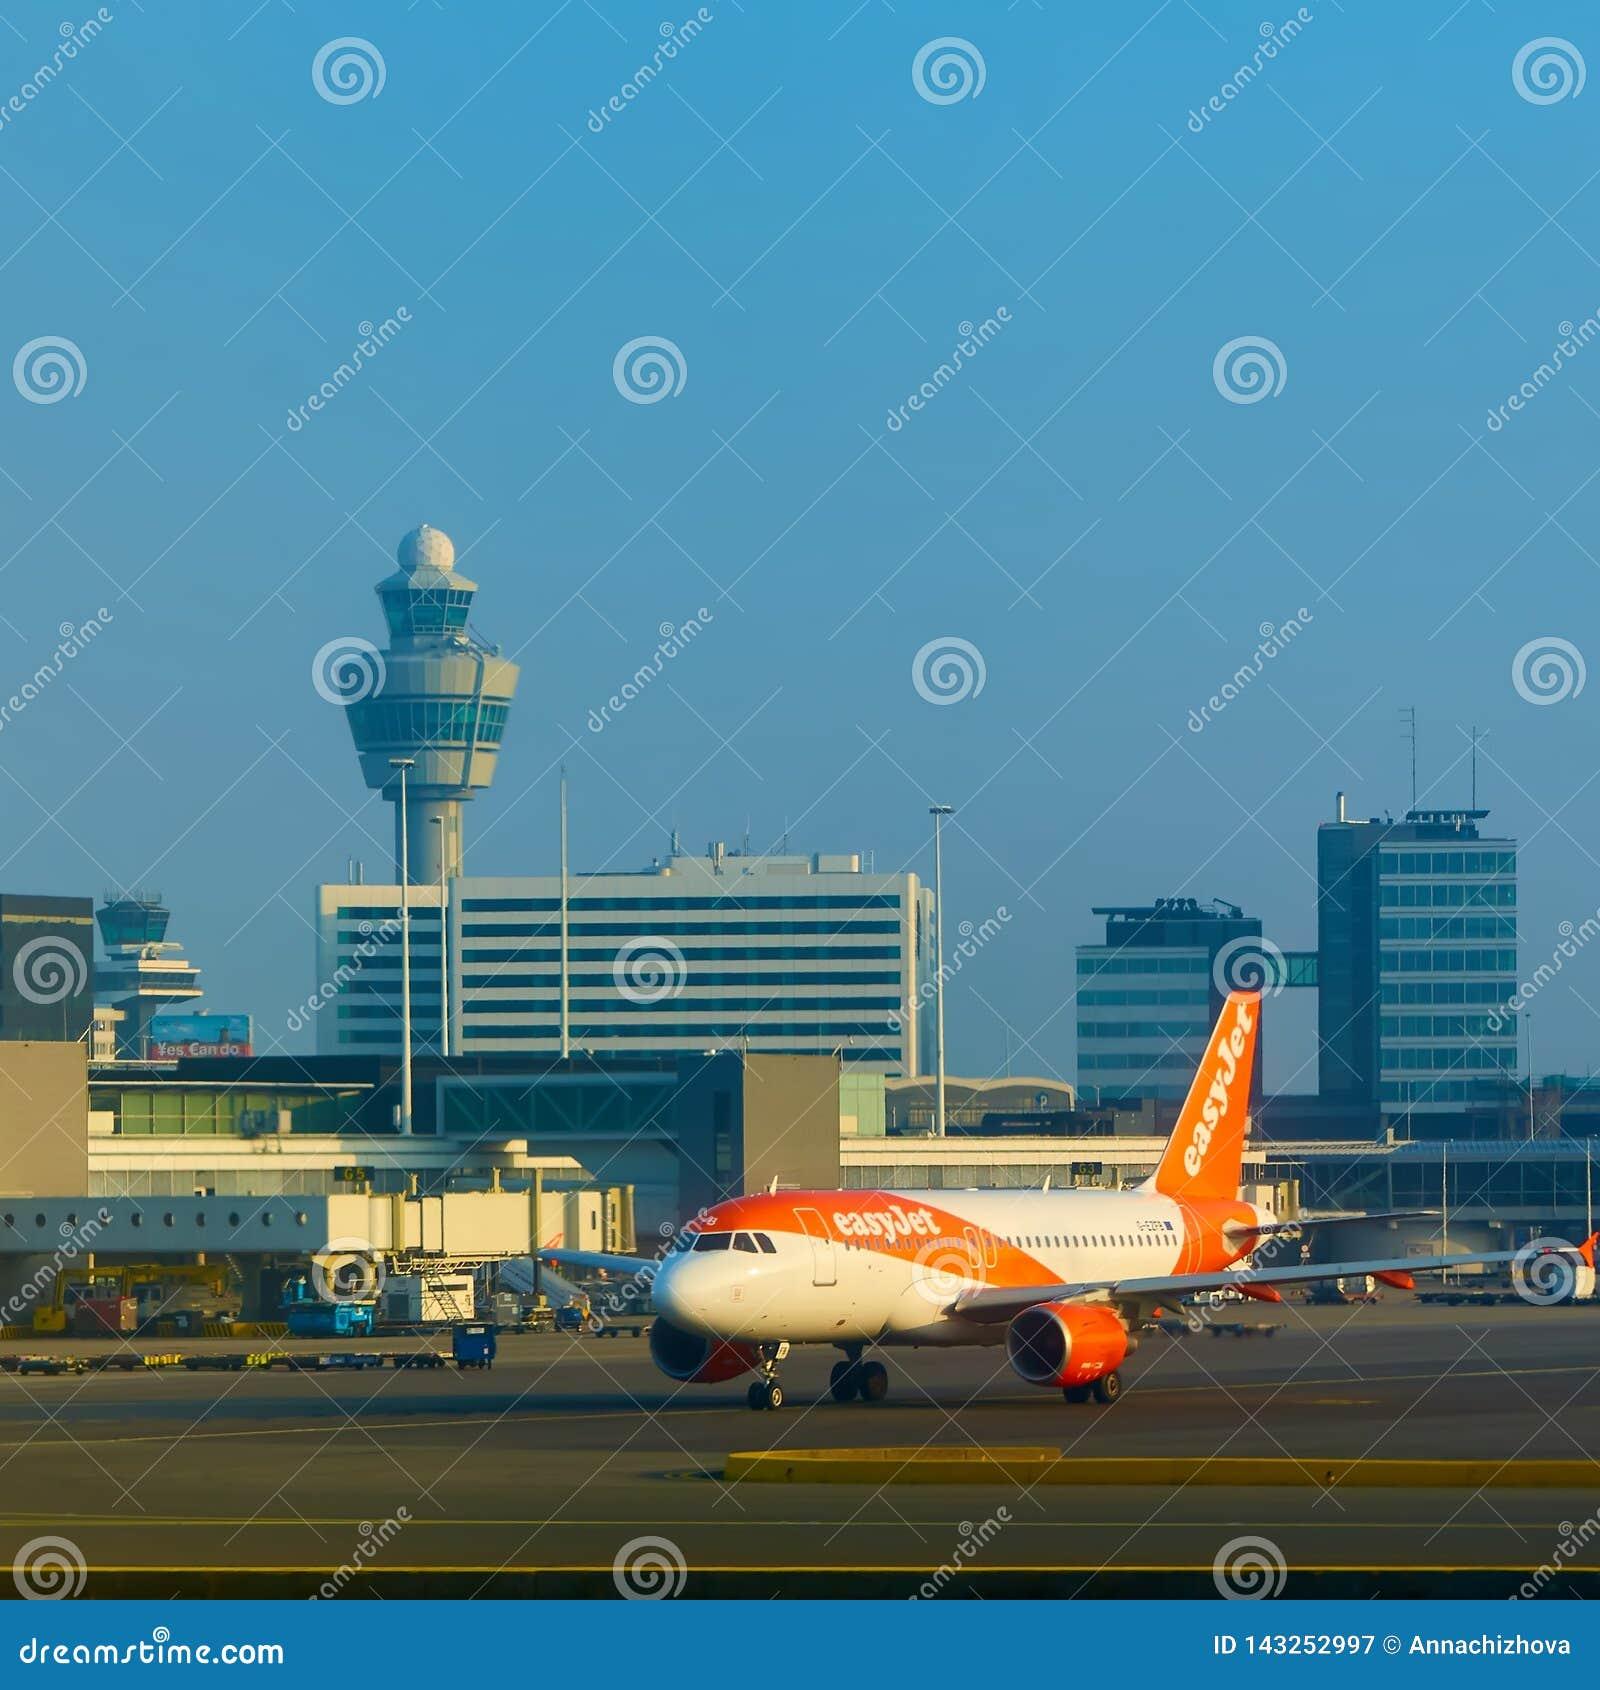 Амстердам, Нидерланды - 11-ое марта 2016: Авиапорт Schiphol Амстердама в Нидерландах AMS Нидерланд основной